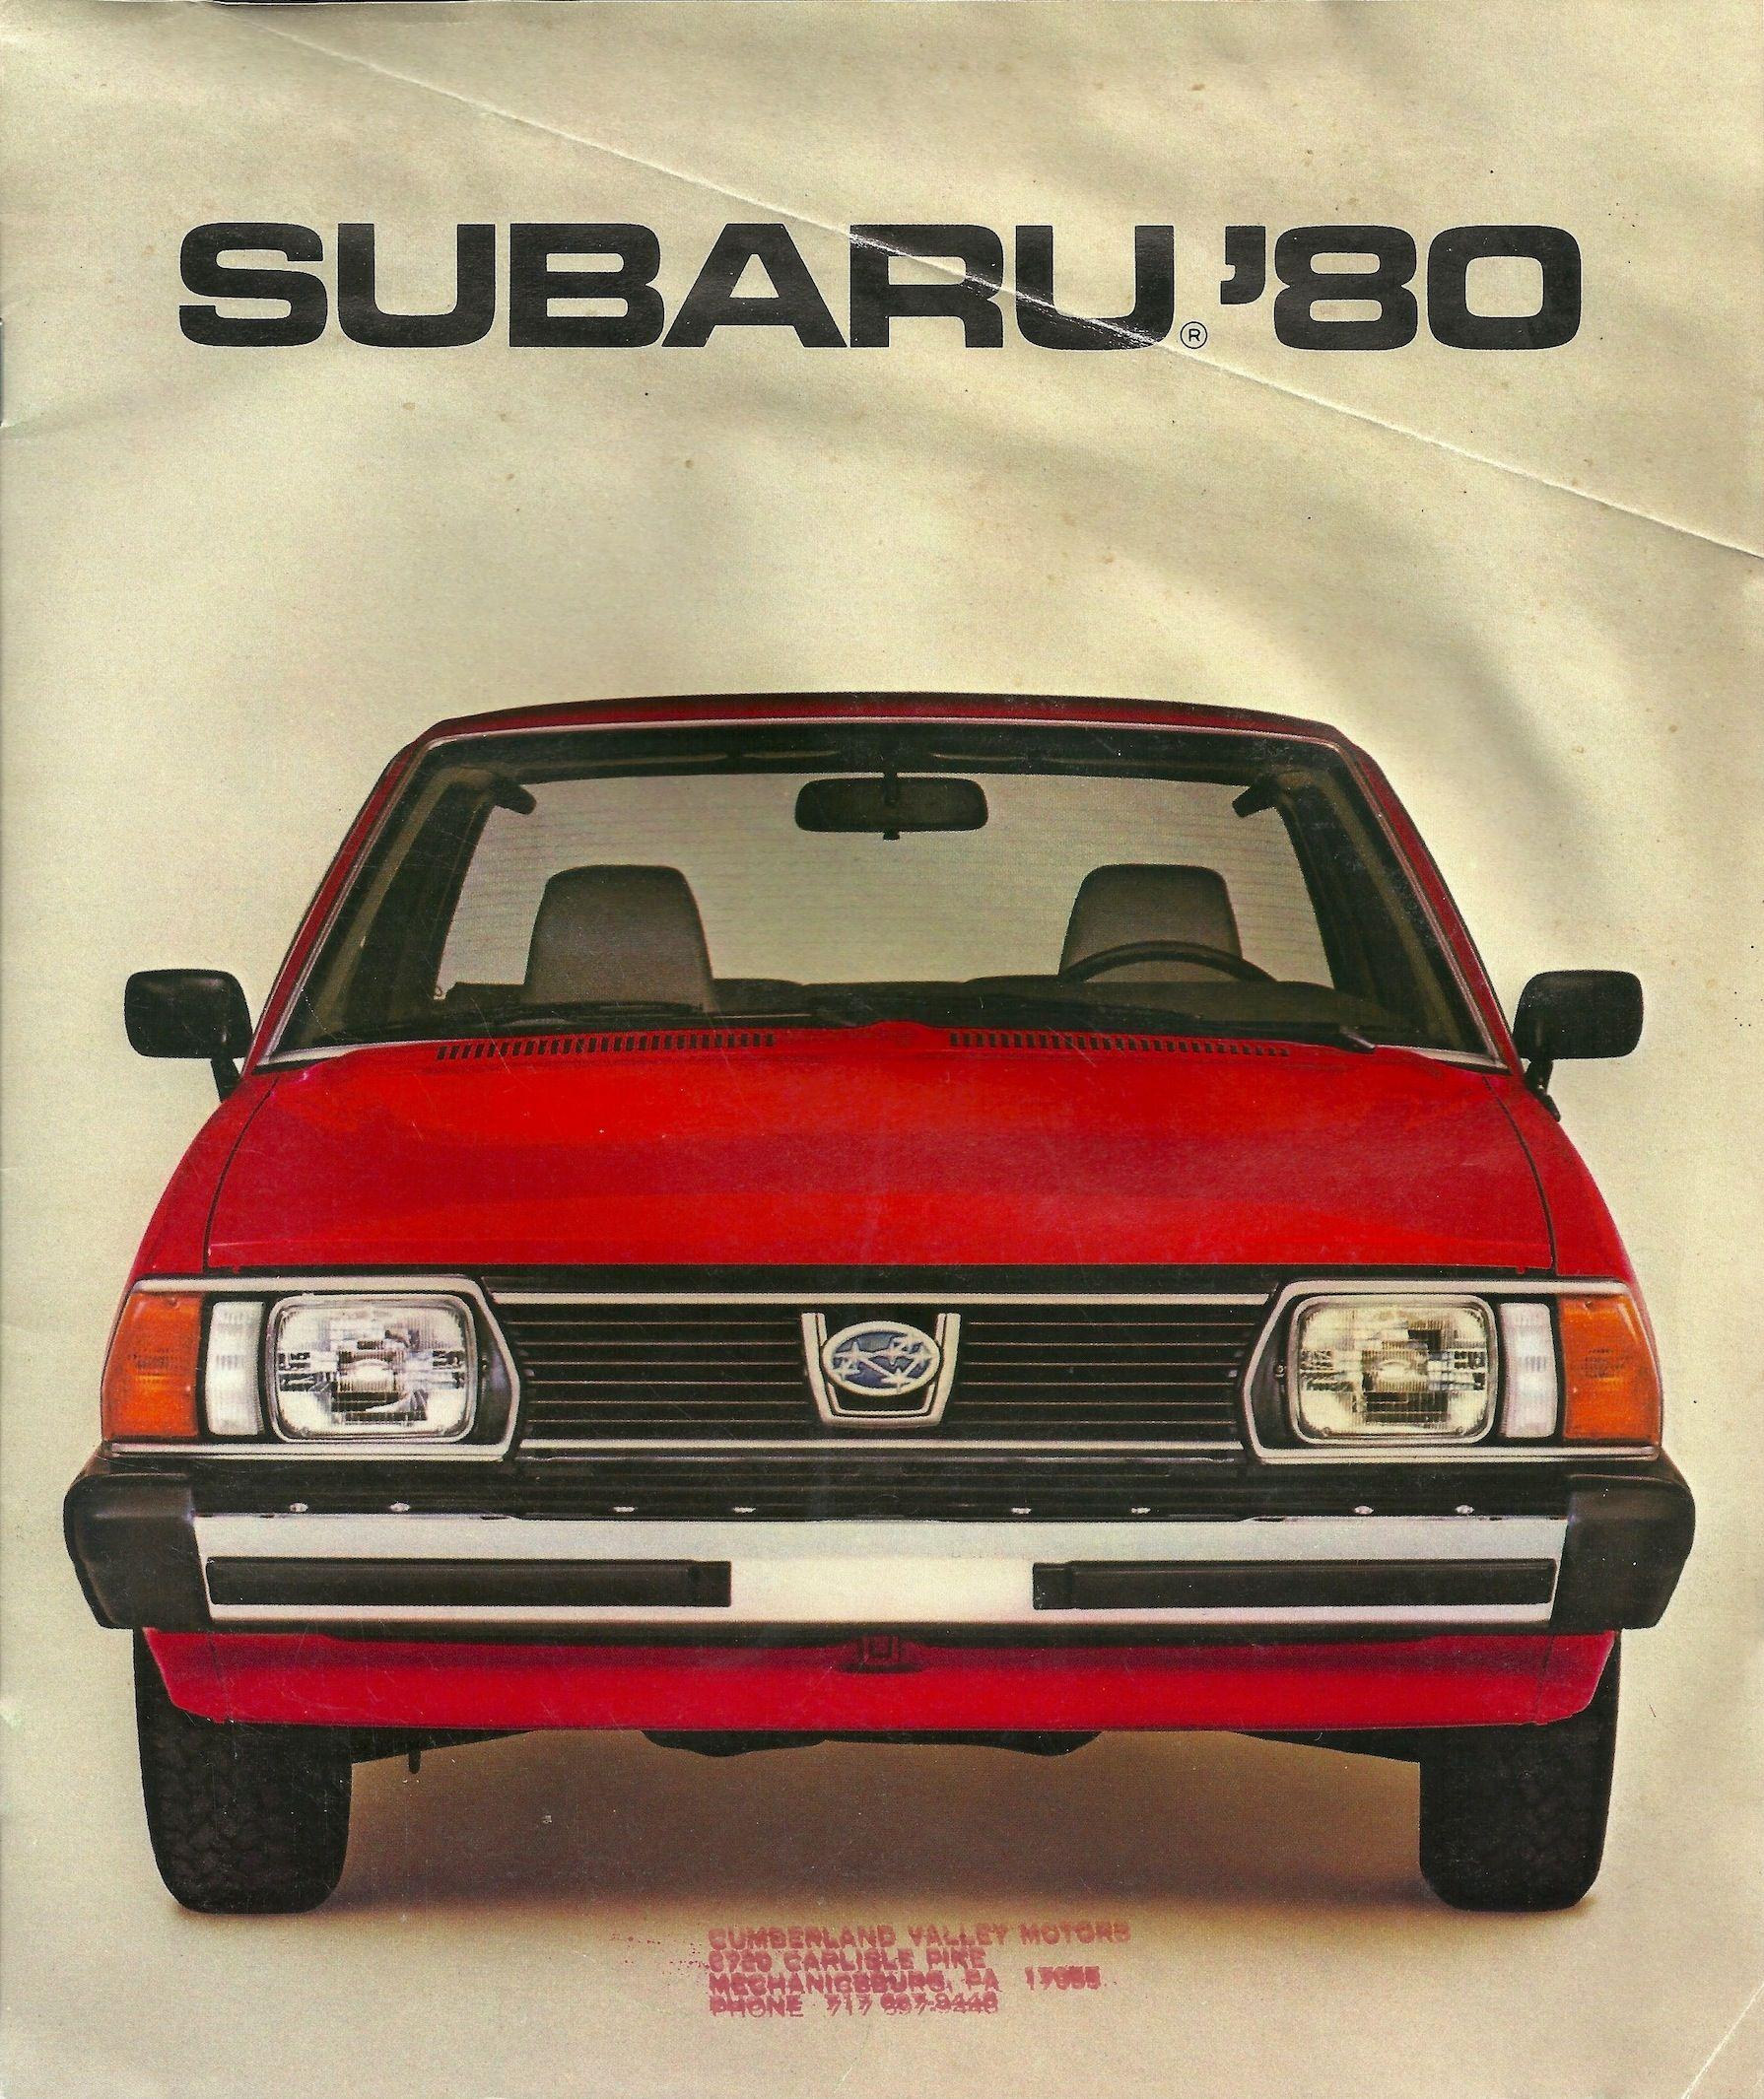 Subaru..1980 #SubaruElCajon #VintageSubaru